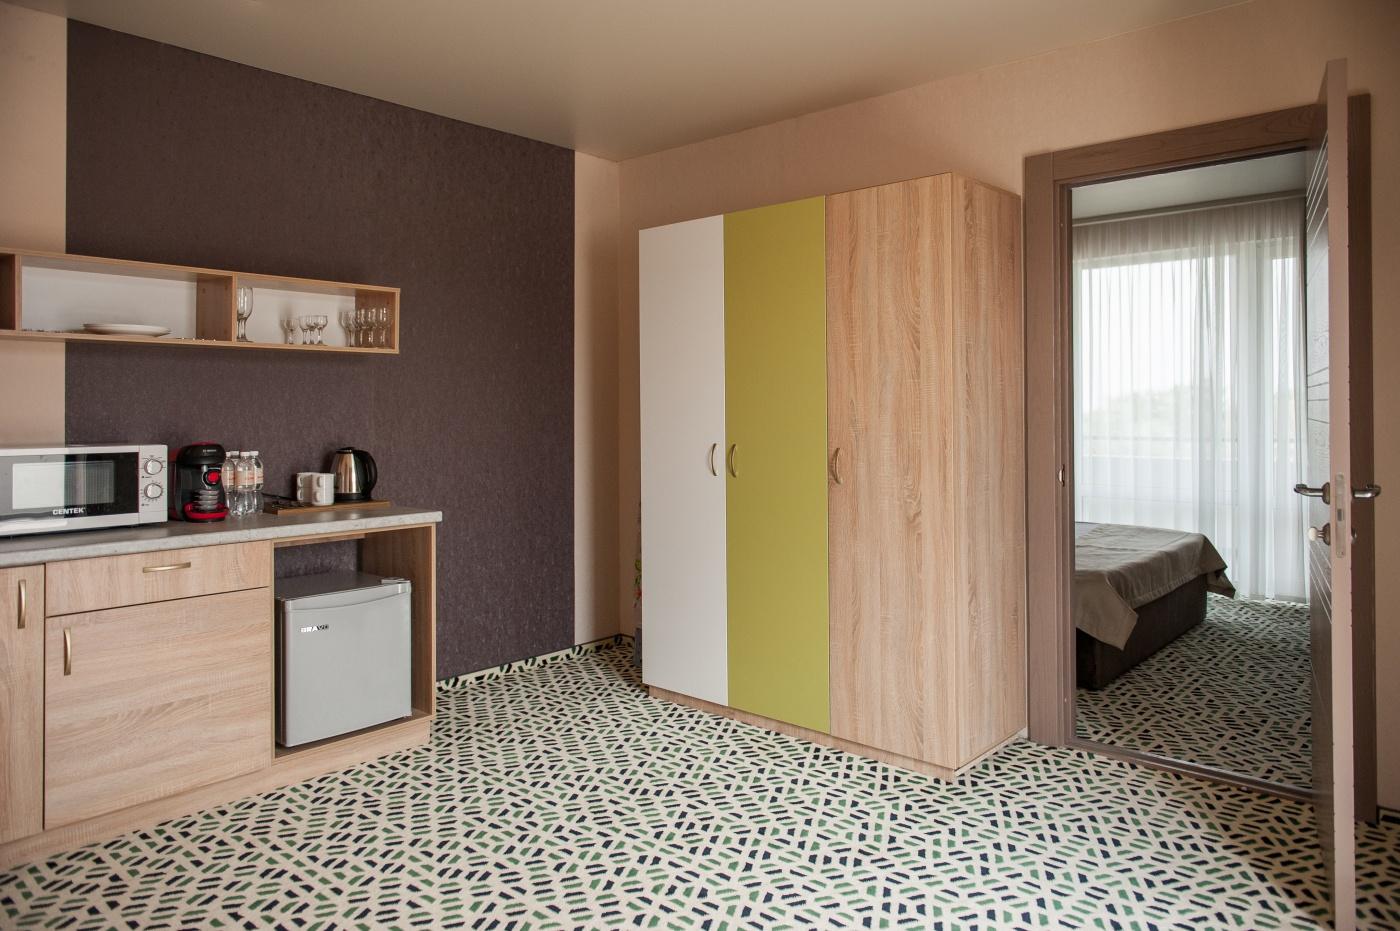 Отель «Aurum Family Resort & Spa» Краснодарский край Apartments 2-местный 3-комнатный, фото 3